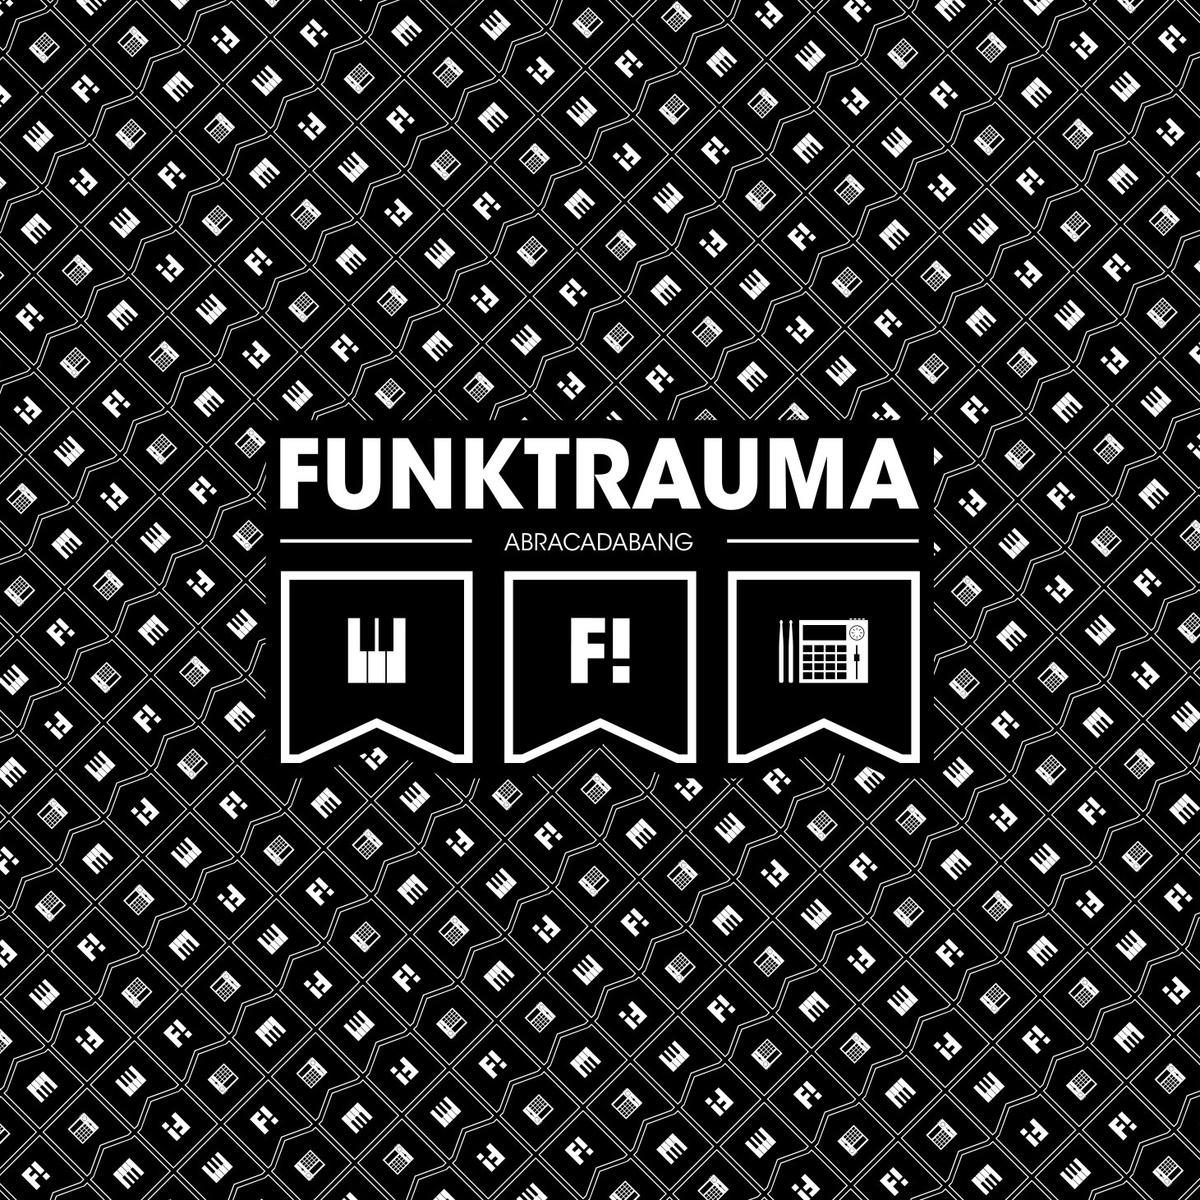 funktrauma